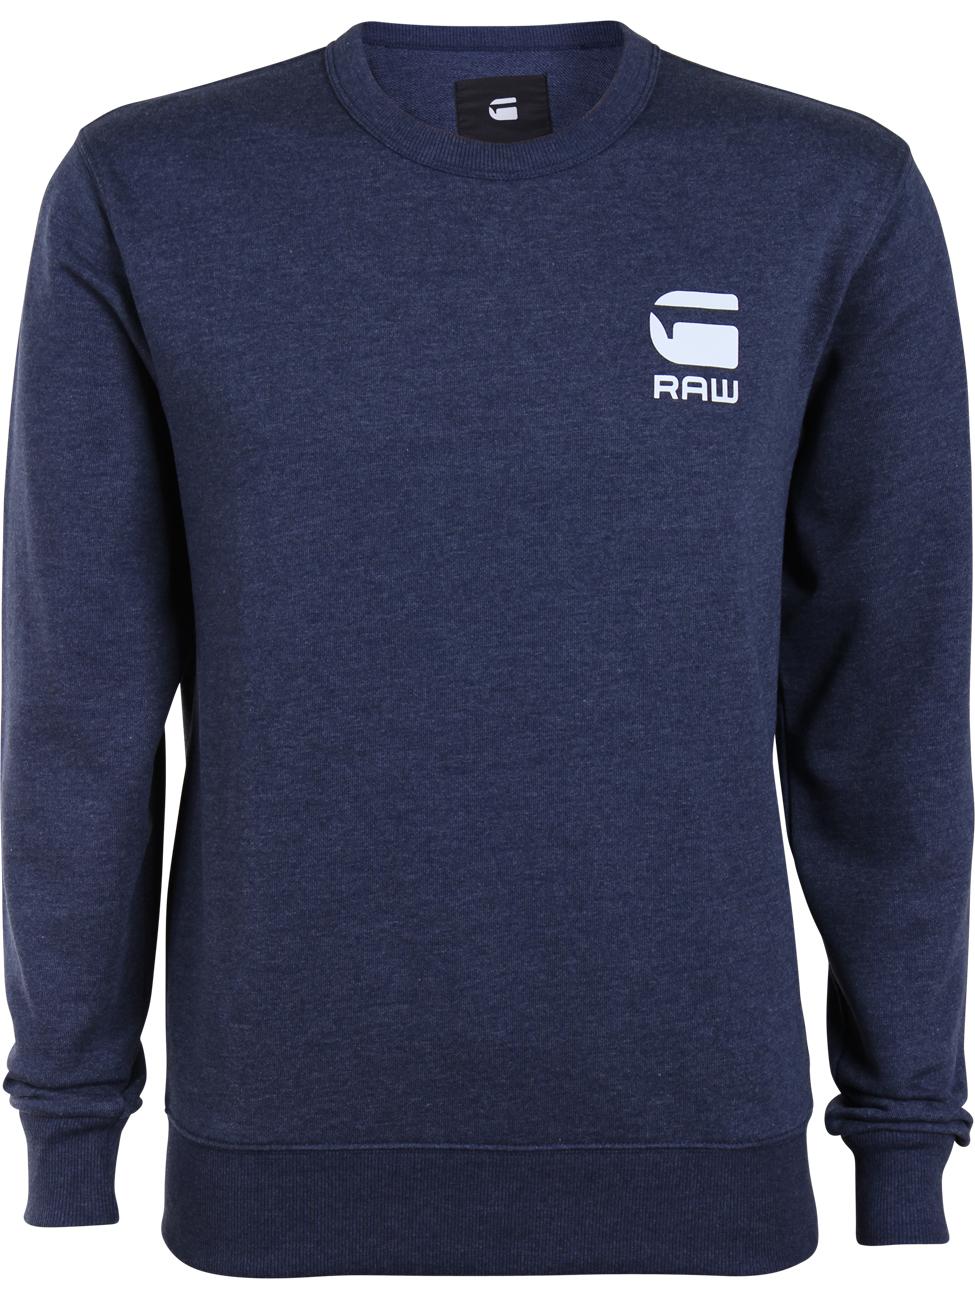 G-Star Herren Rundhals Sweater Doax